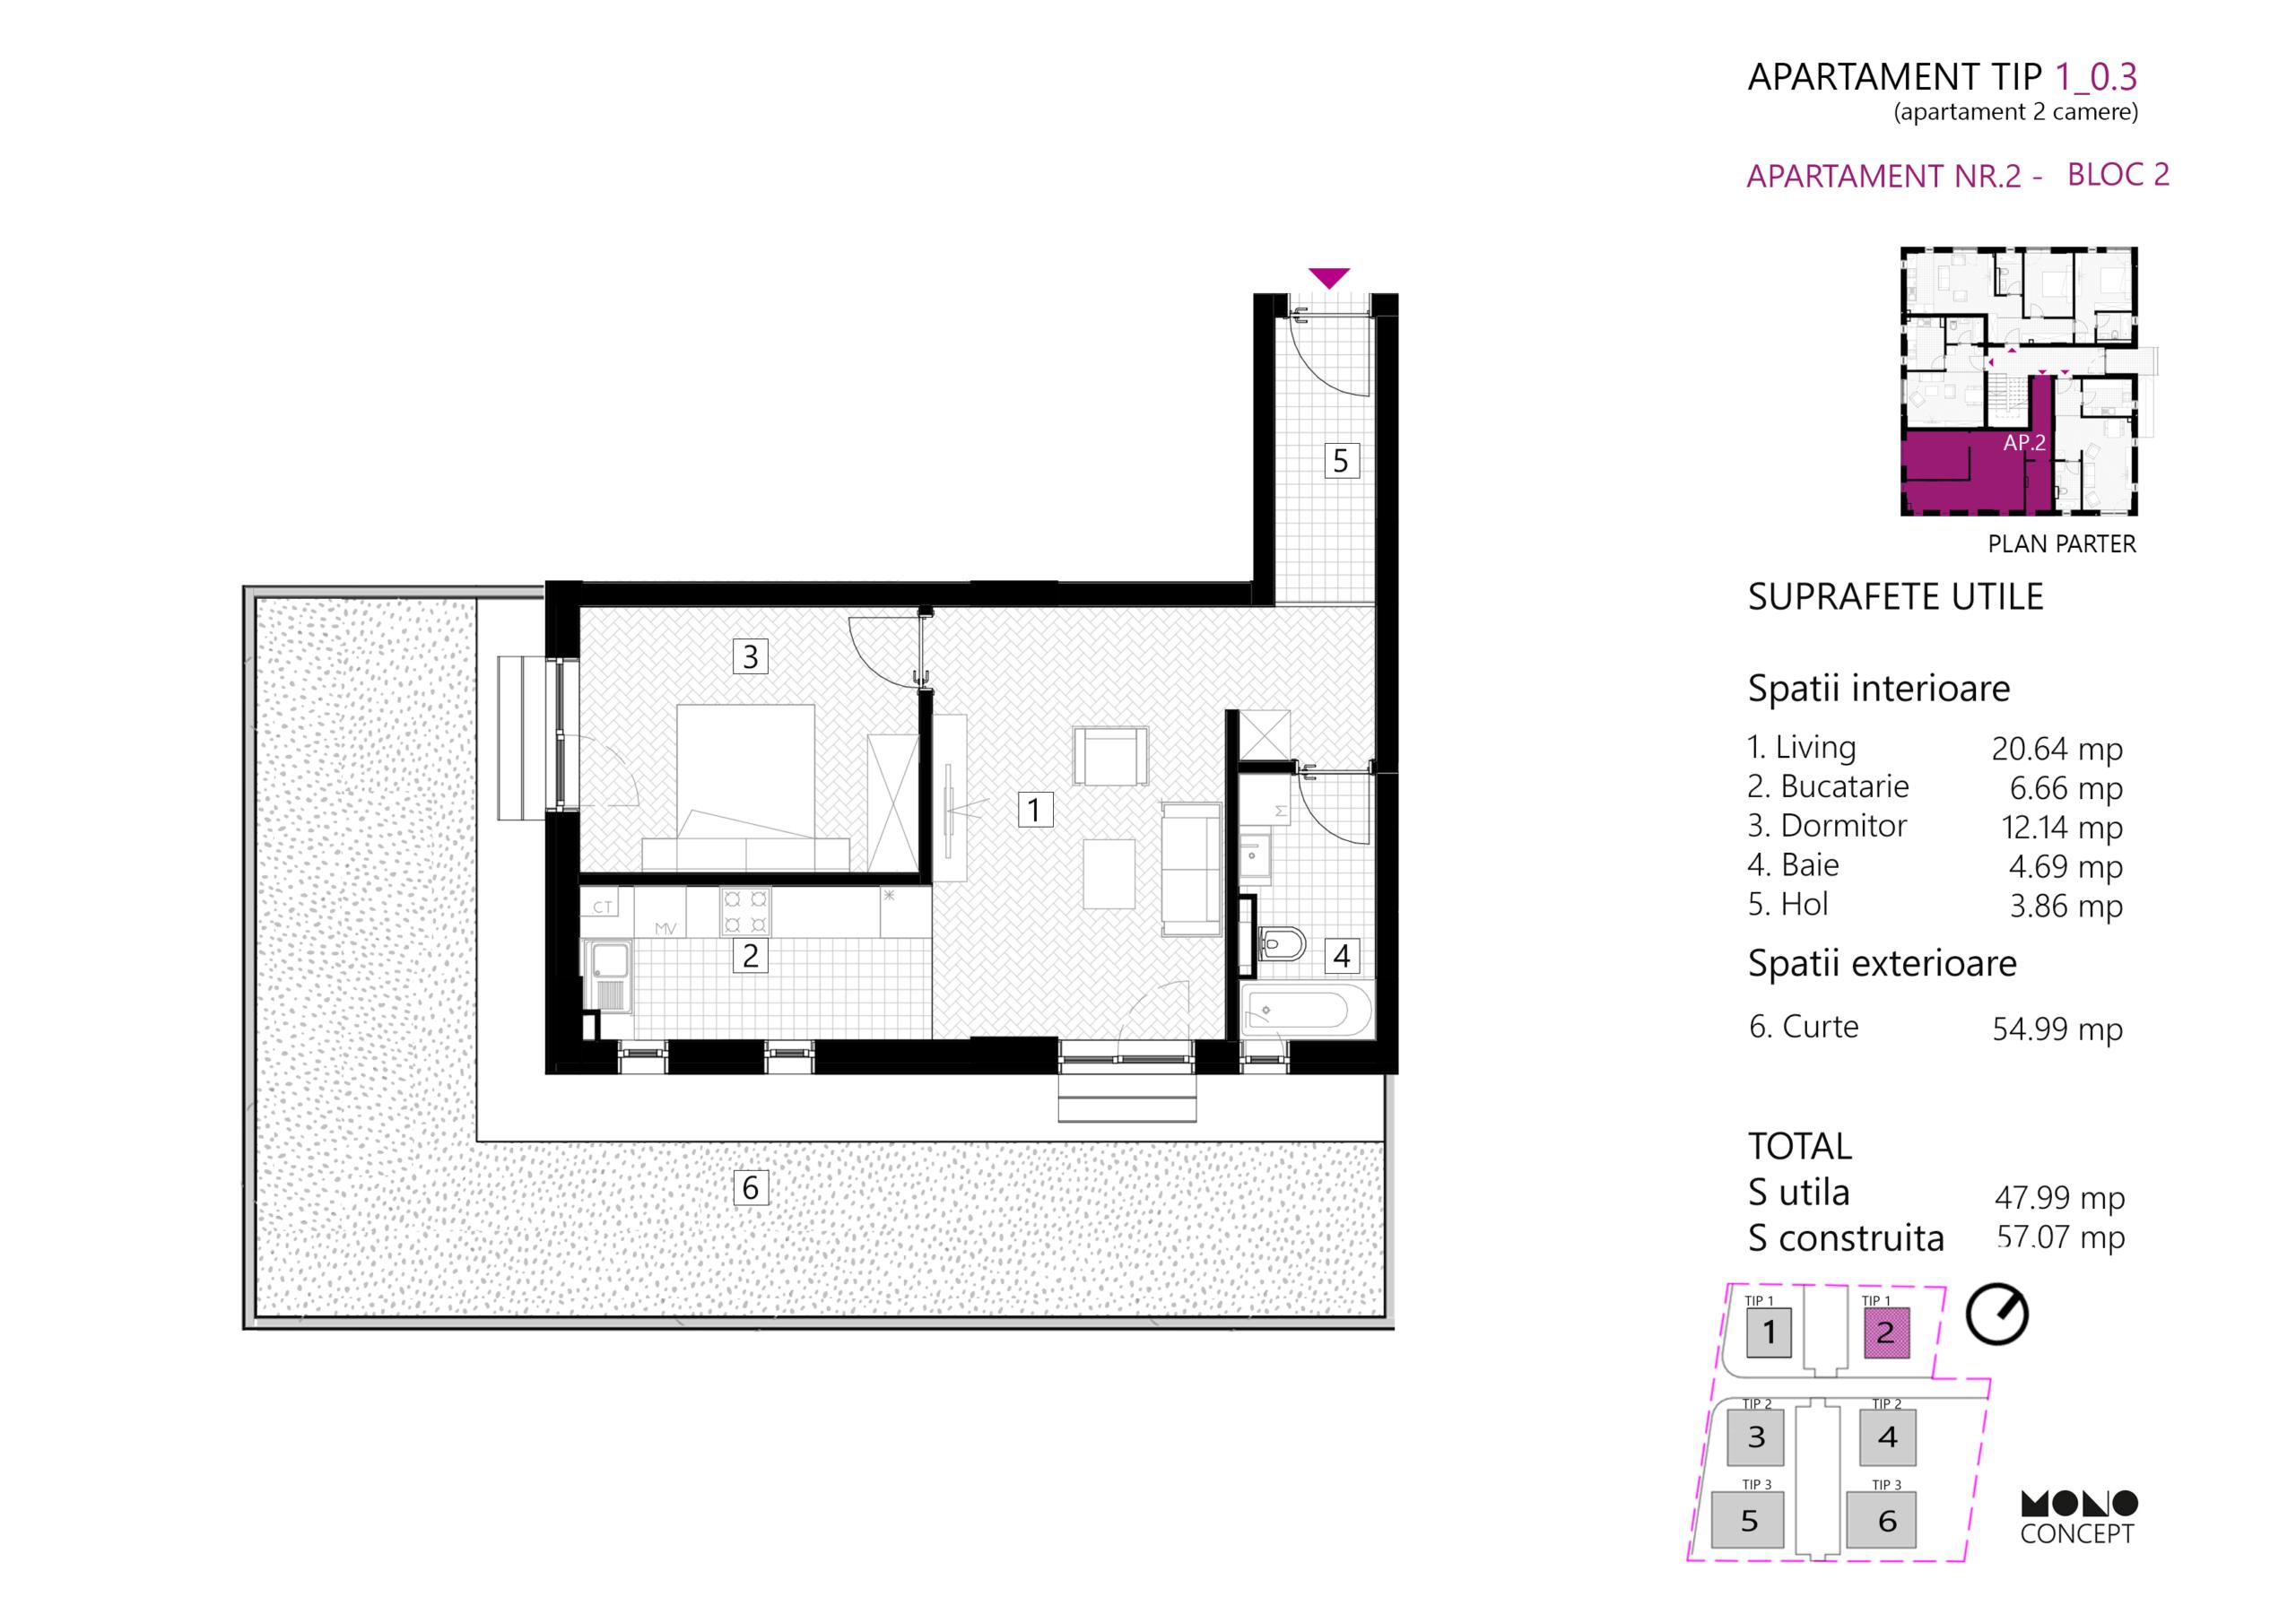 Apartament 2 Camere Parter Tip A Bloc2